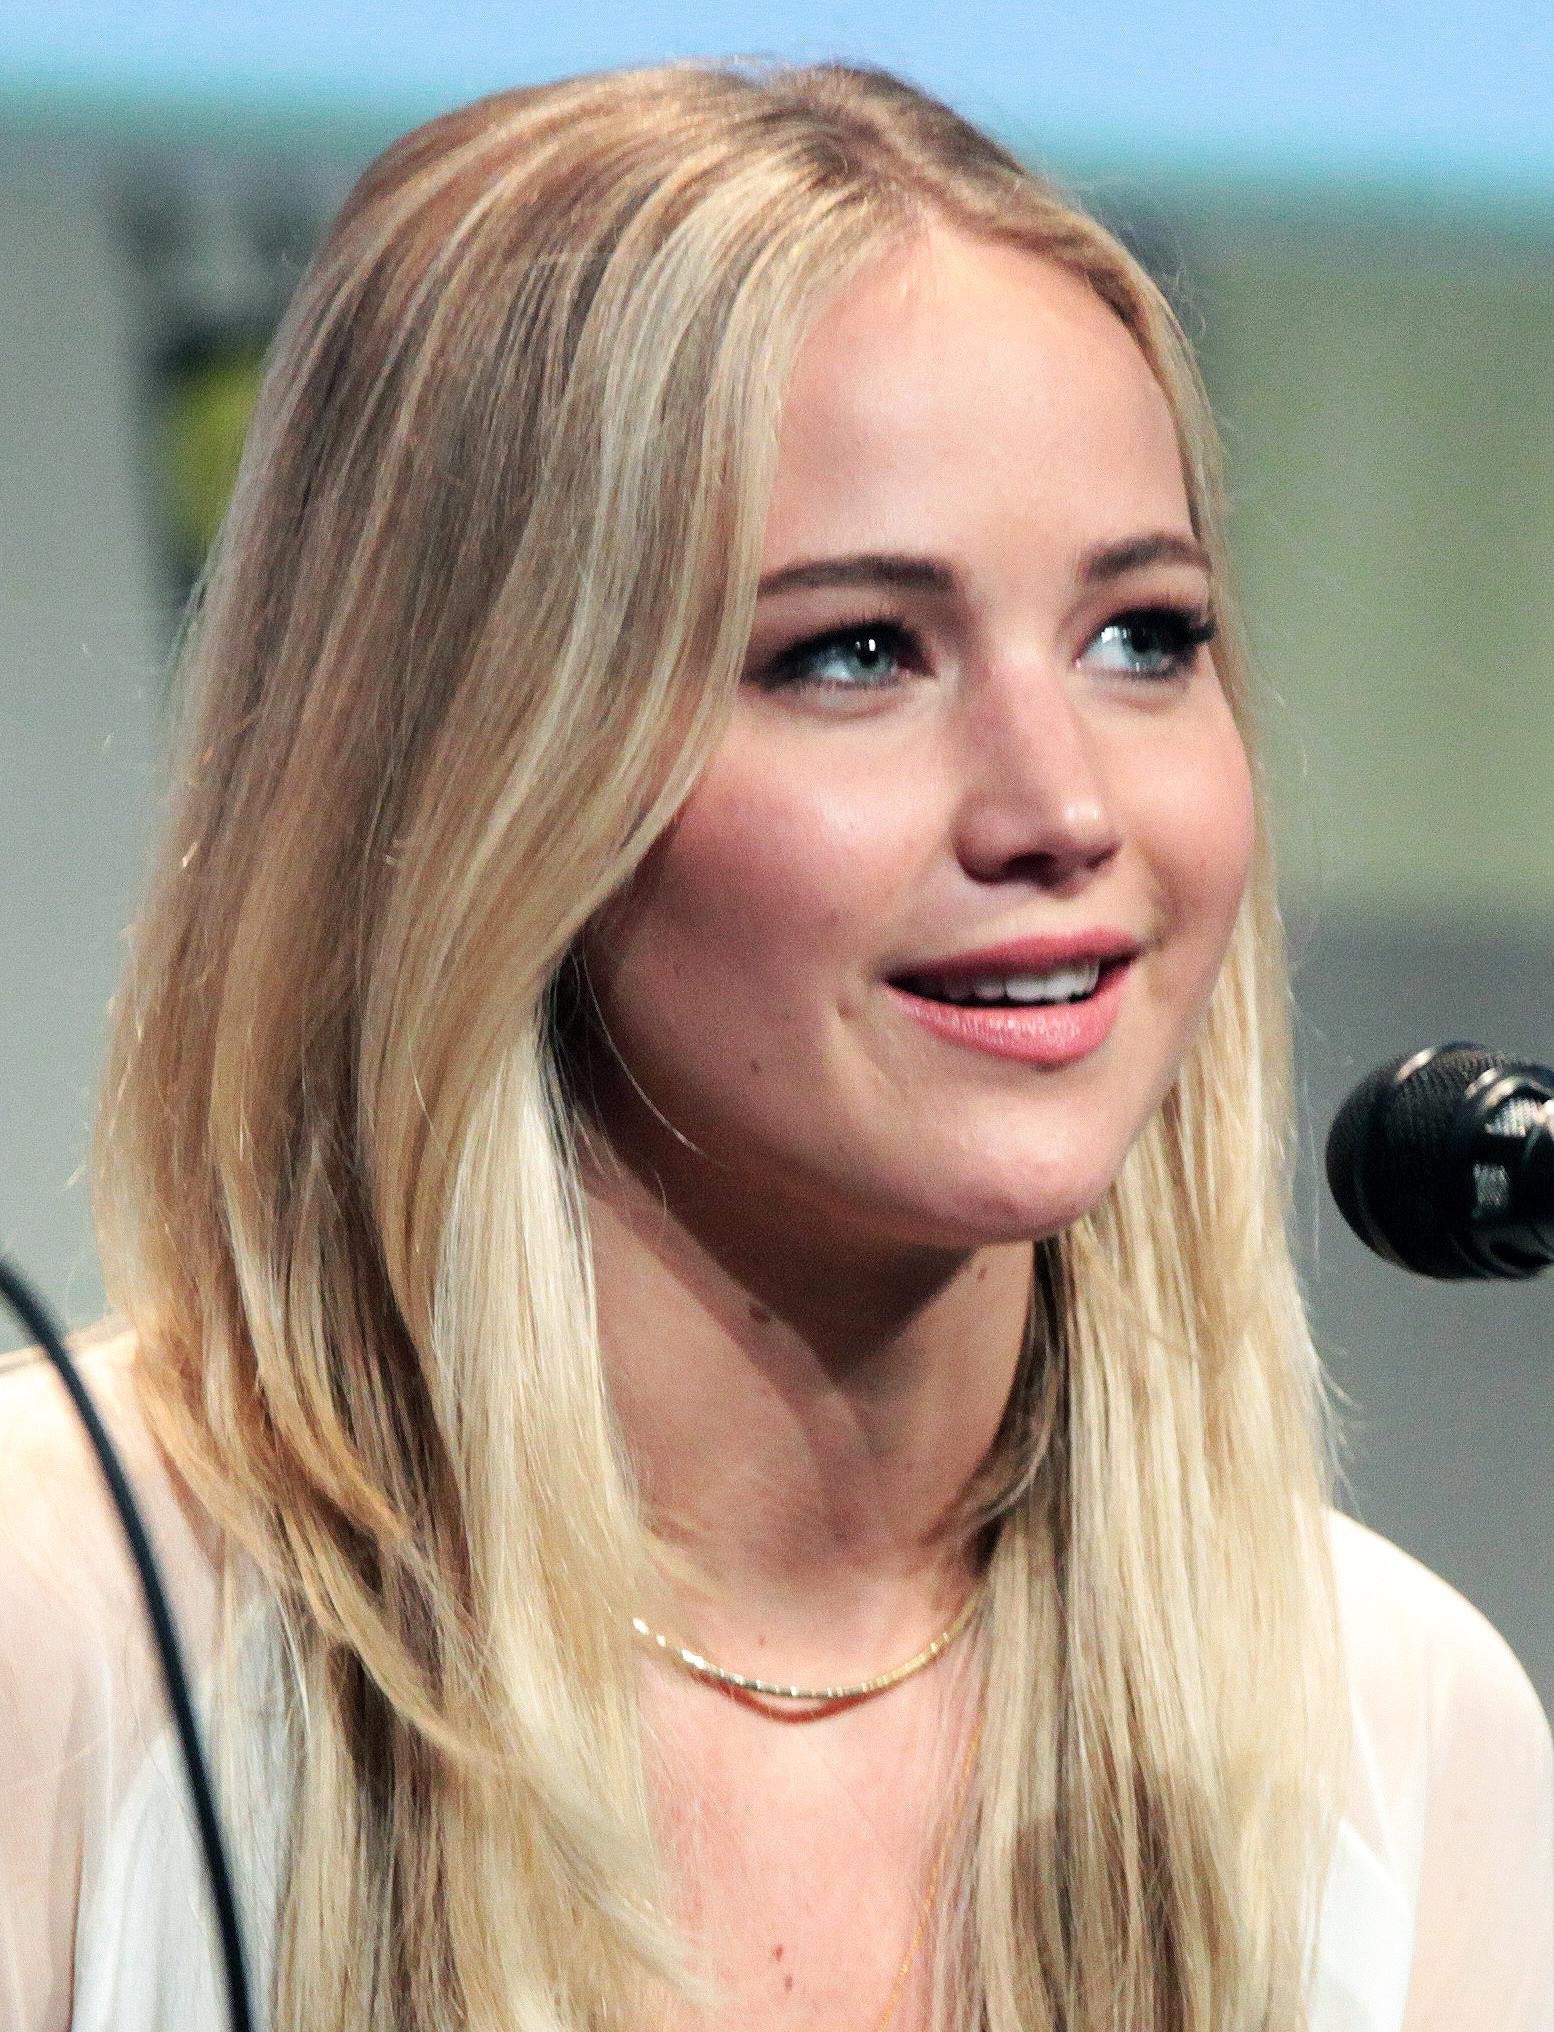 Veja o que saiu no Migalhas sobre Jennifer Lawrence